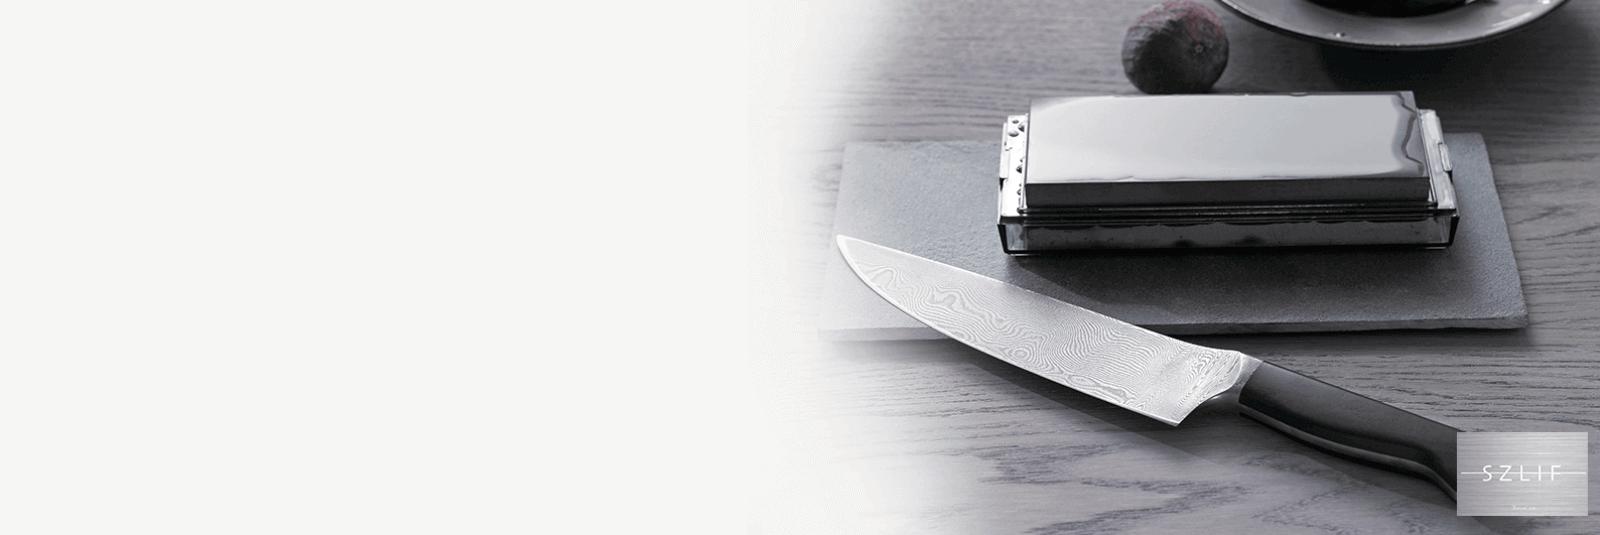 Ostrzenie noży